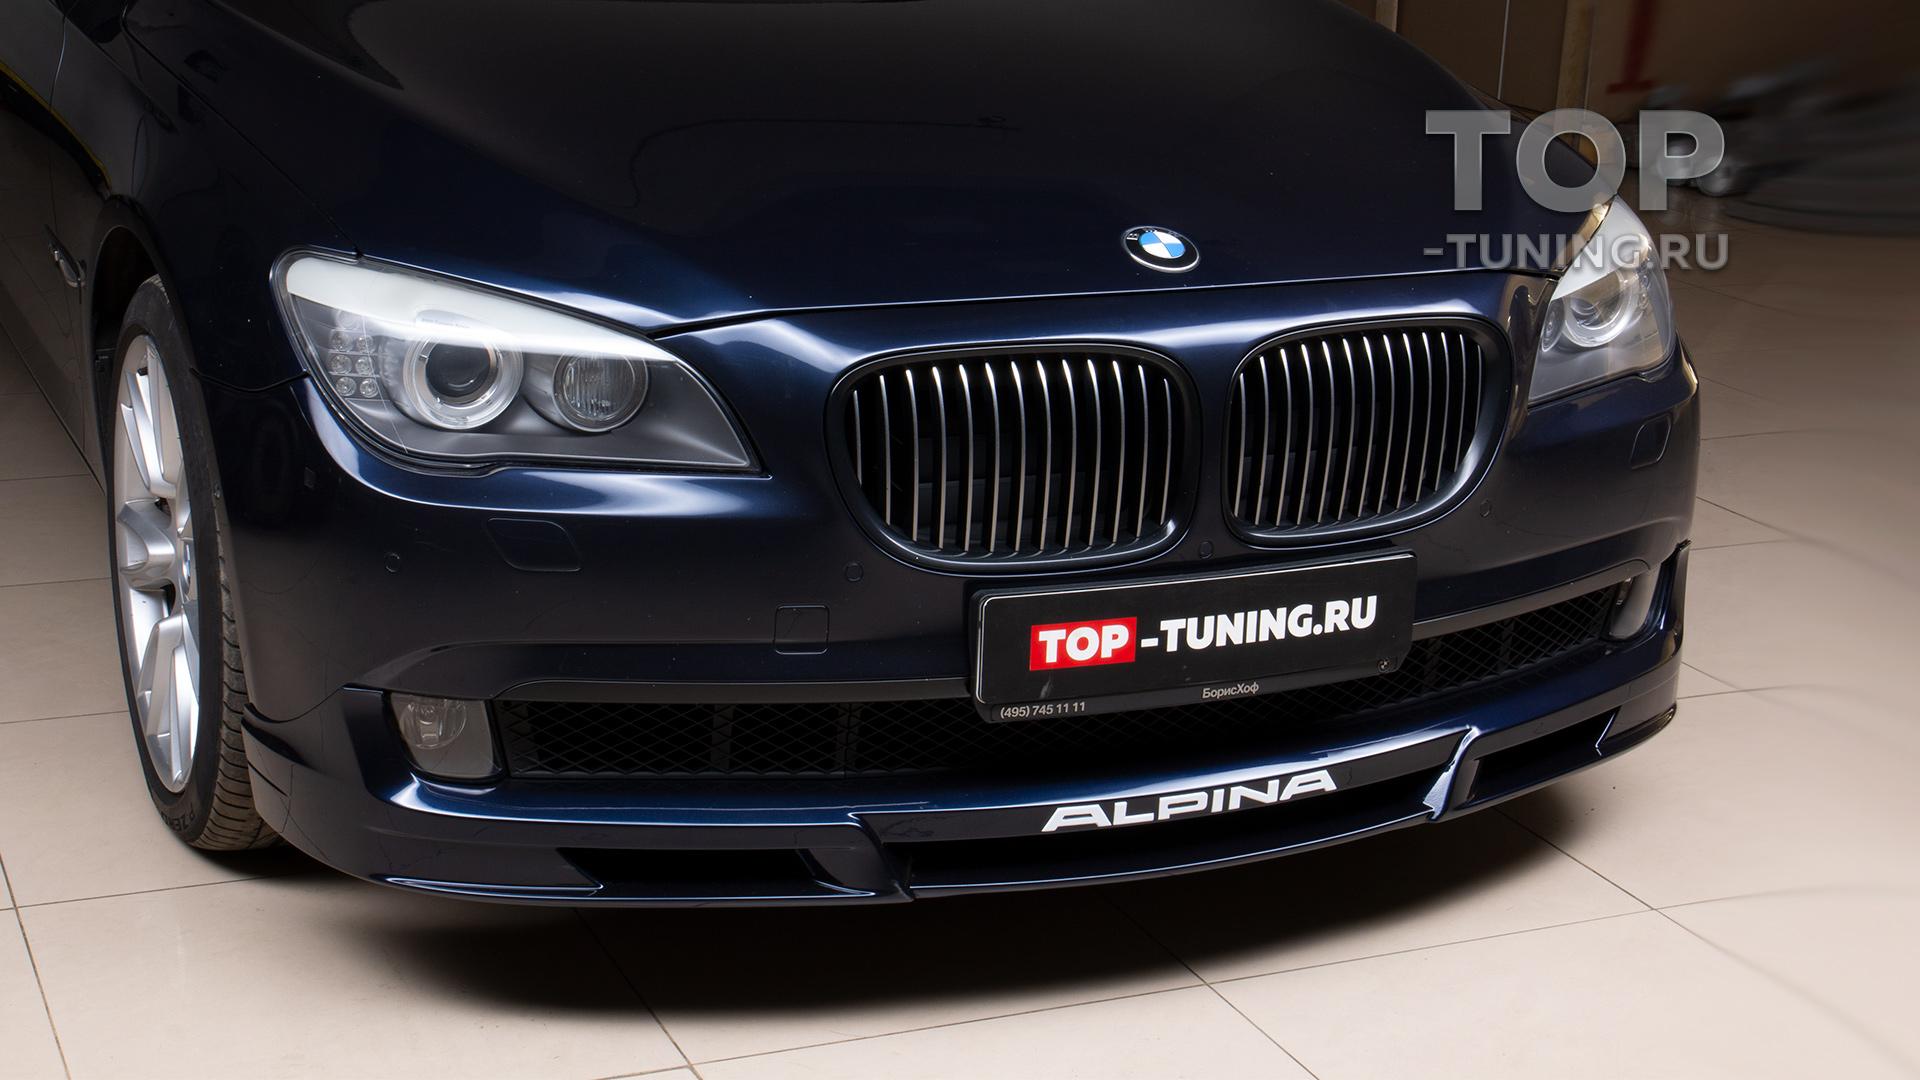 Тюнинг BMW 7 F01 (F02) - обвес Альпина, юбка на передний бампер